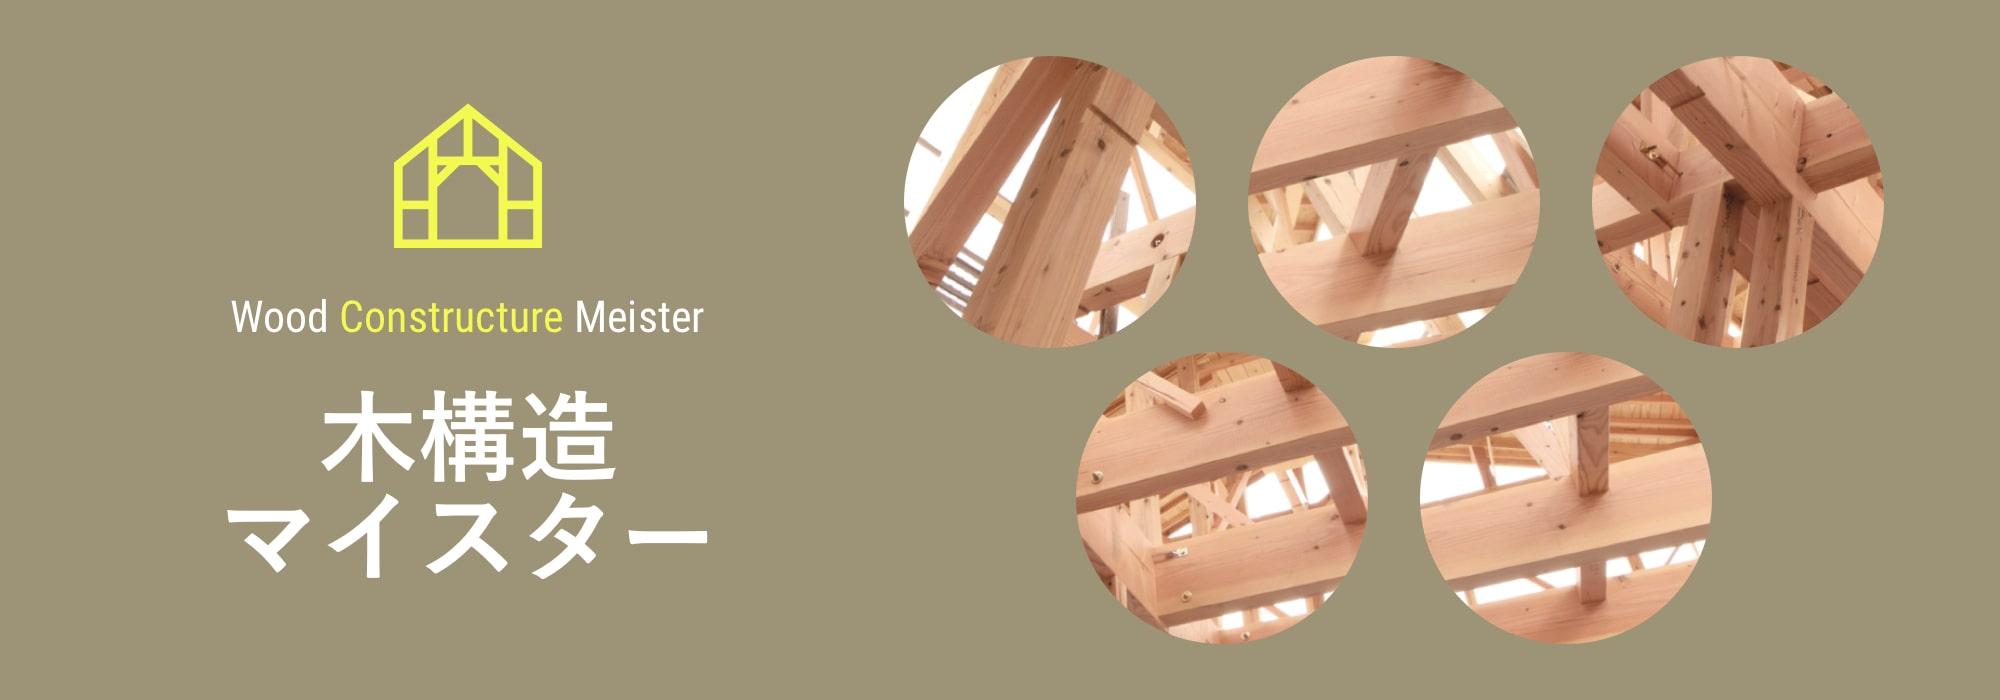 木構造マイスター